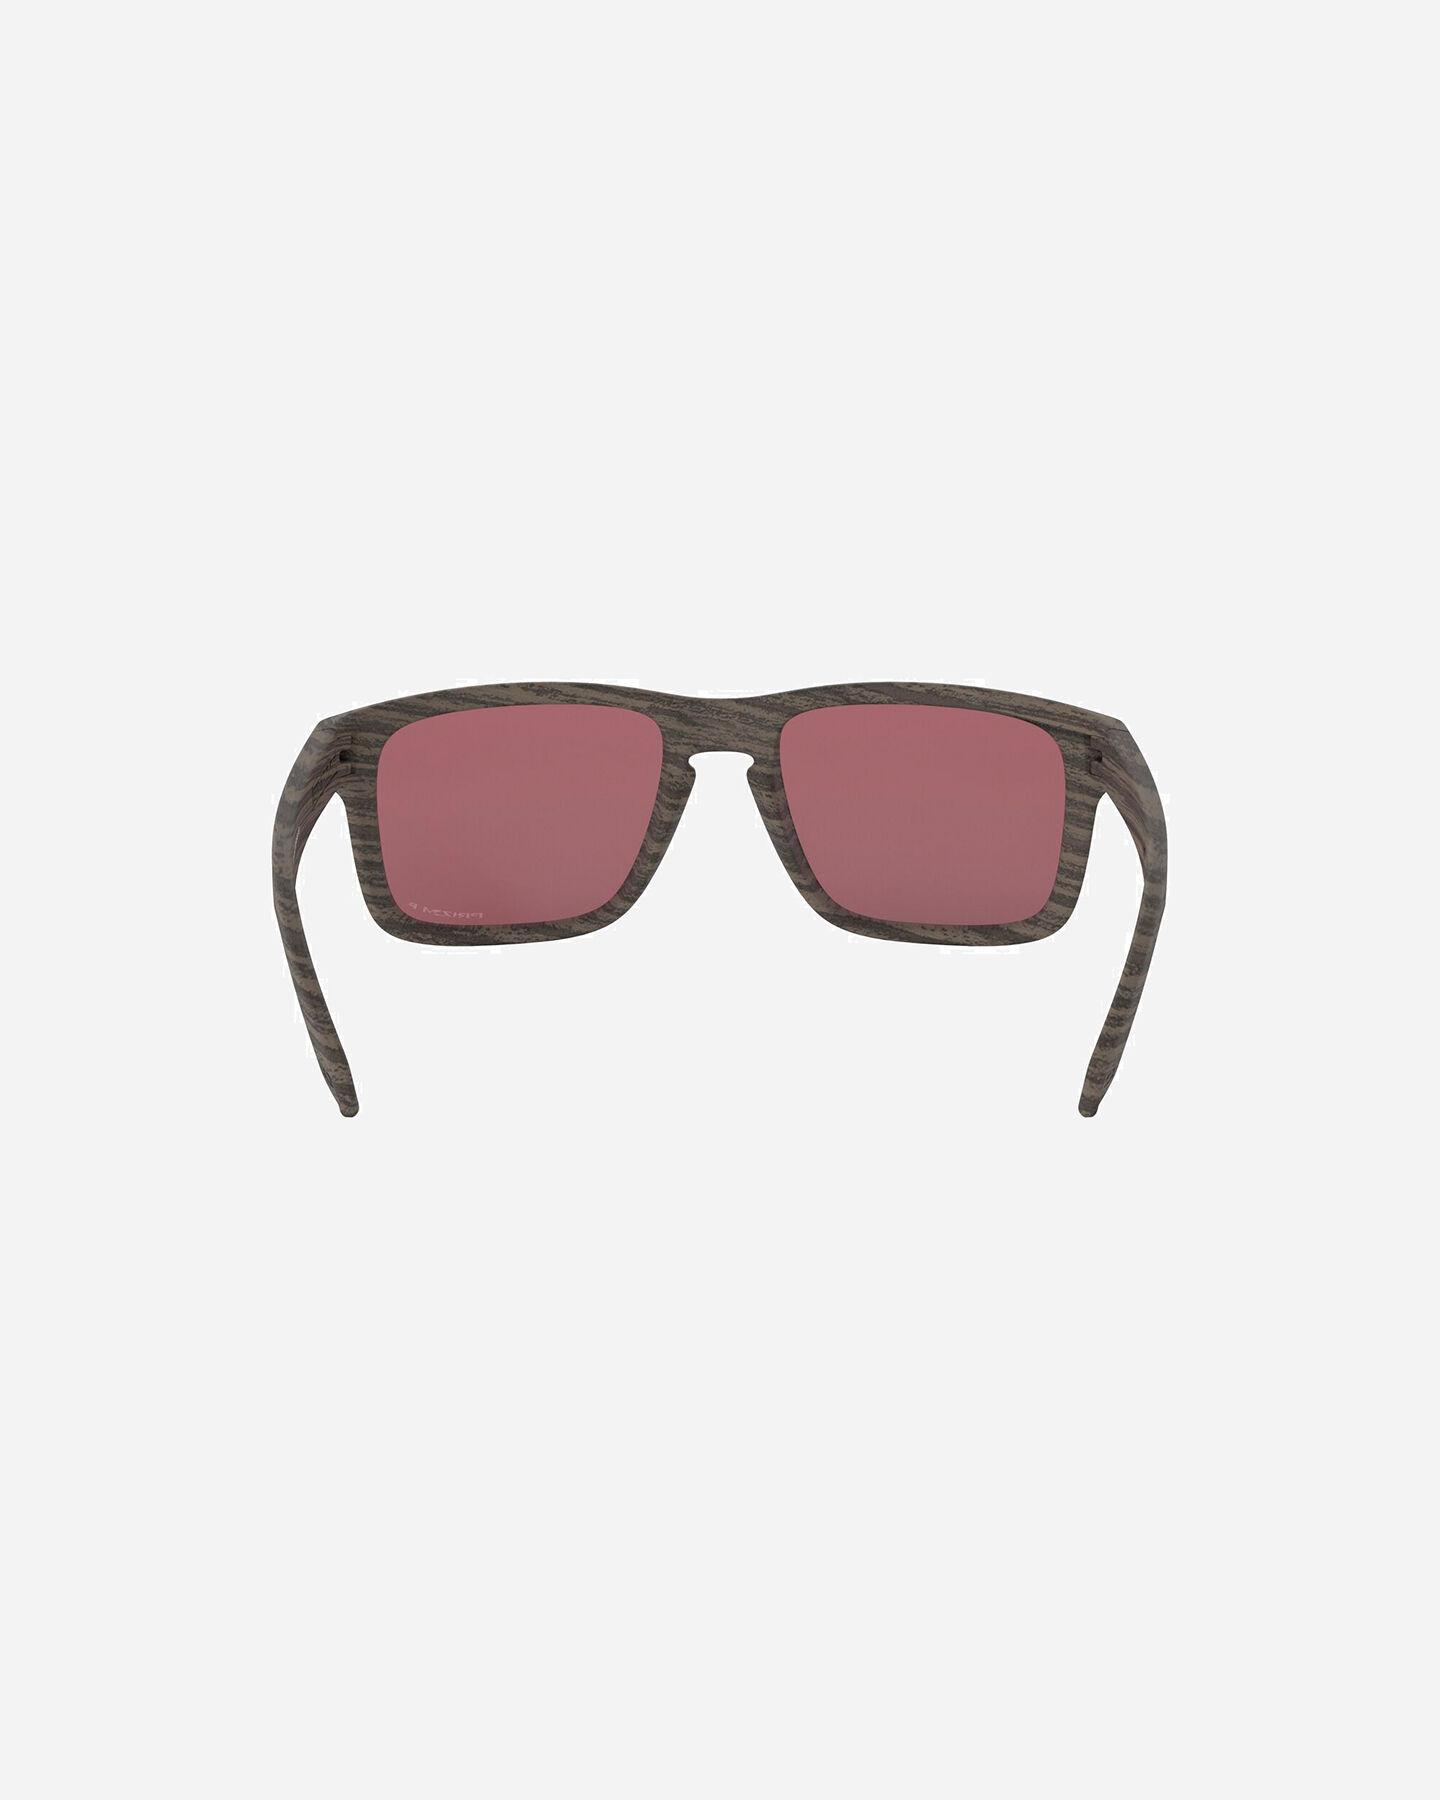 Occhiali OAKLEY HOLBROOK WOODGRAIN PRIZM S4002501|9999|UNI scatto 3